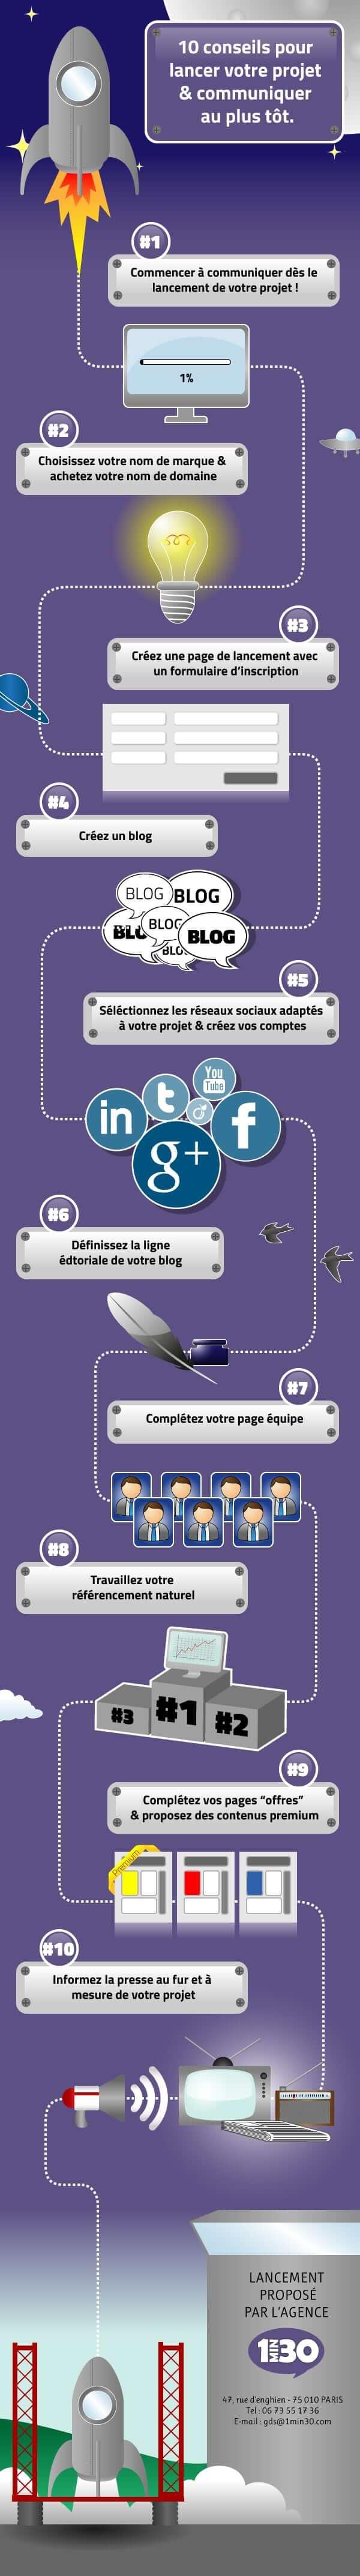 10 conseils pour lancer votre projet et communiquer au plus tôt, une infographie de 1min30.com